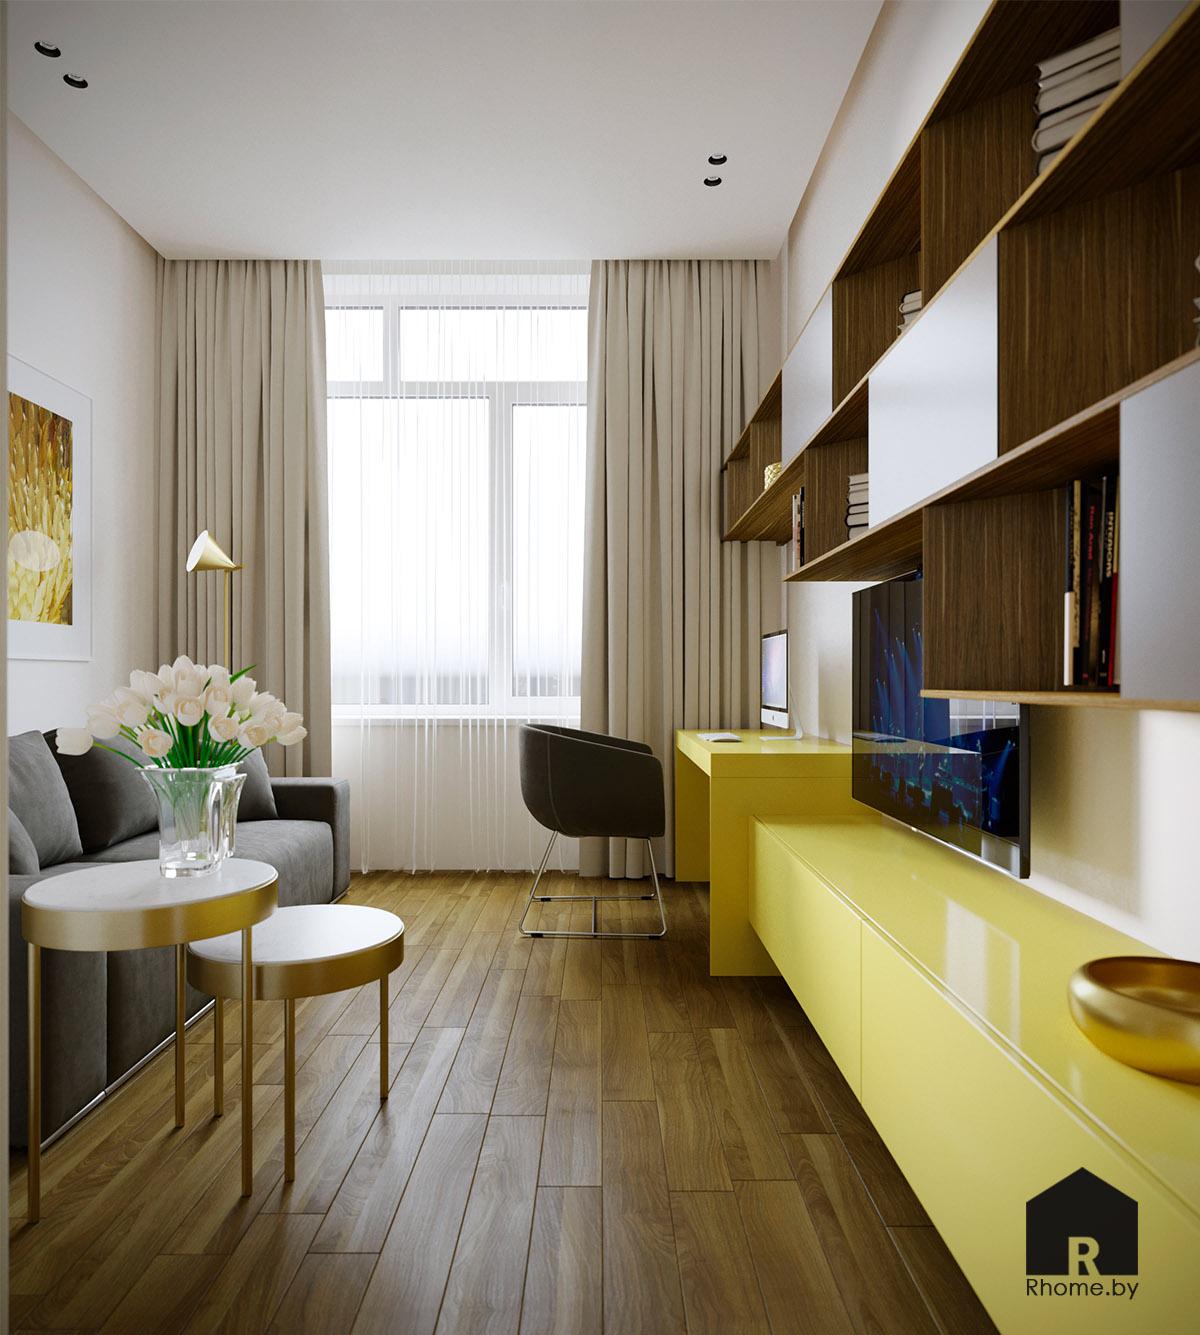 Дизайн интерьера гостевой комнаты в Березовой роще | Дизайн студия – Rhome.by